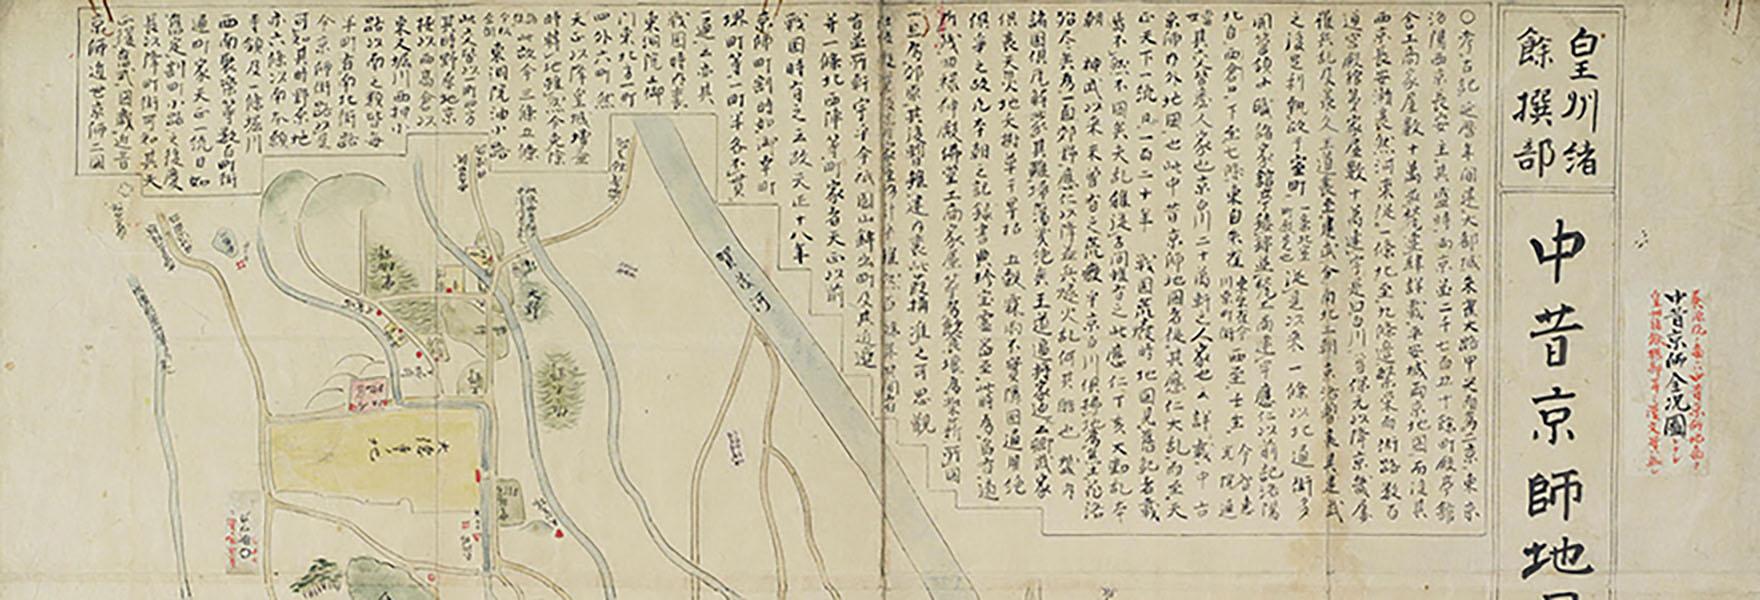 .中昔京師地圖 : 皇州緒餘撰部.